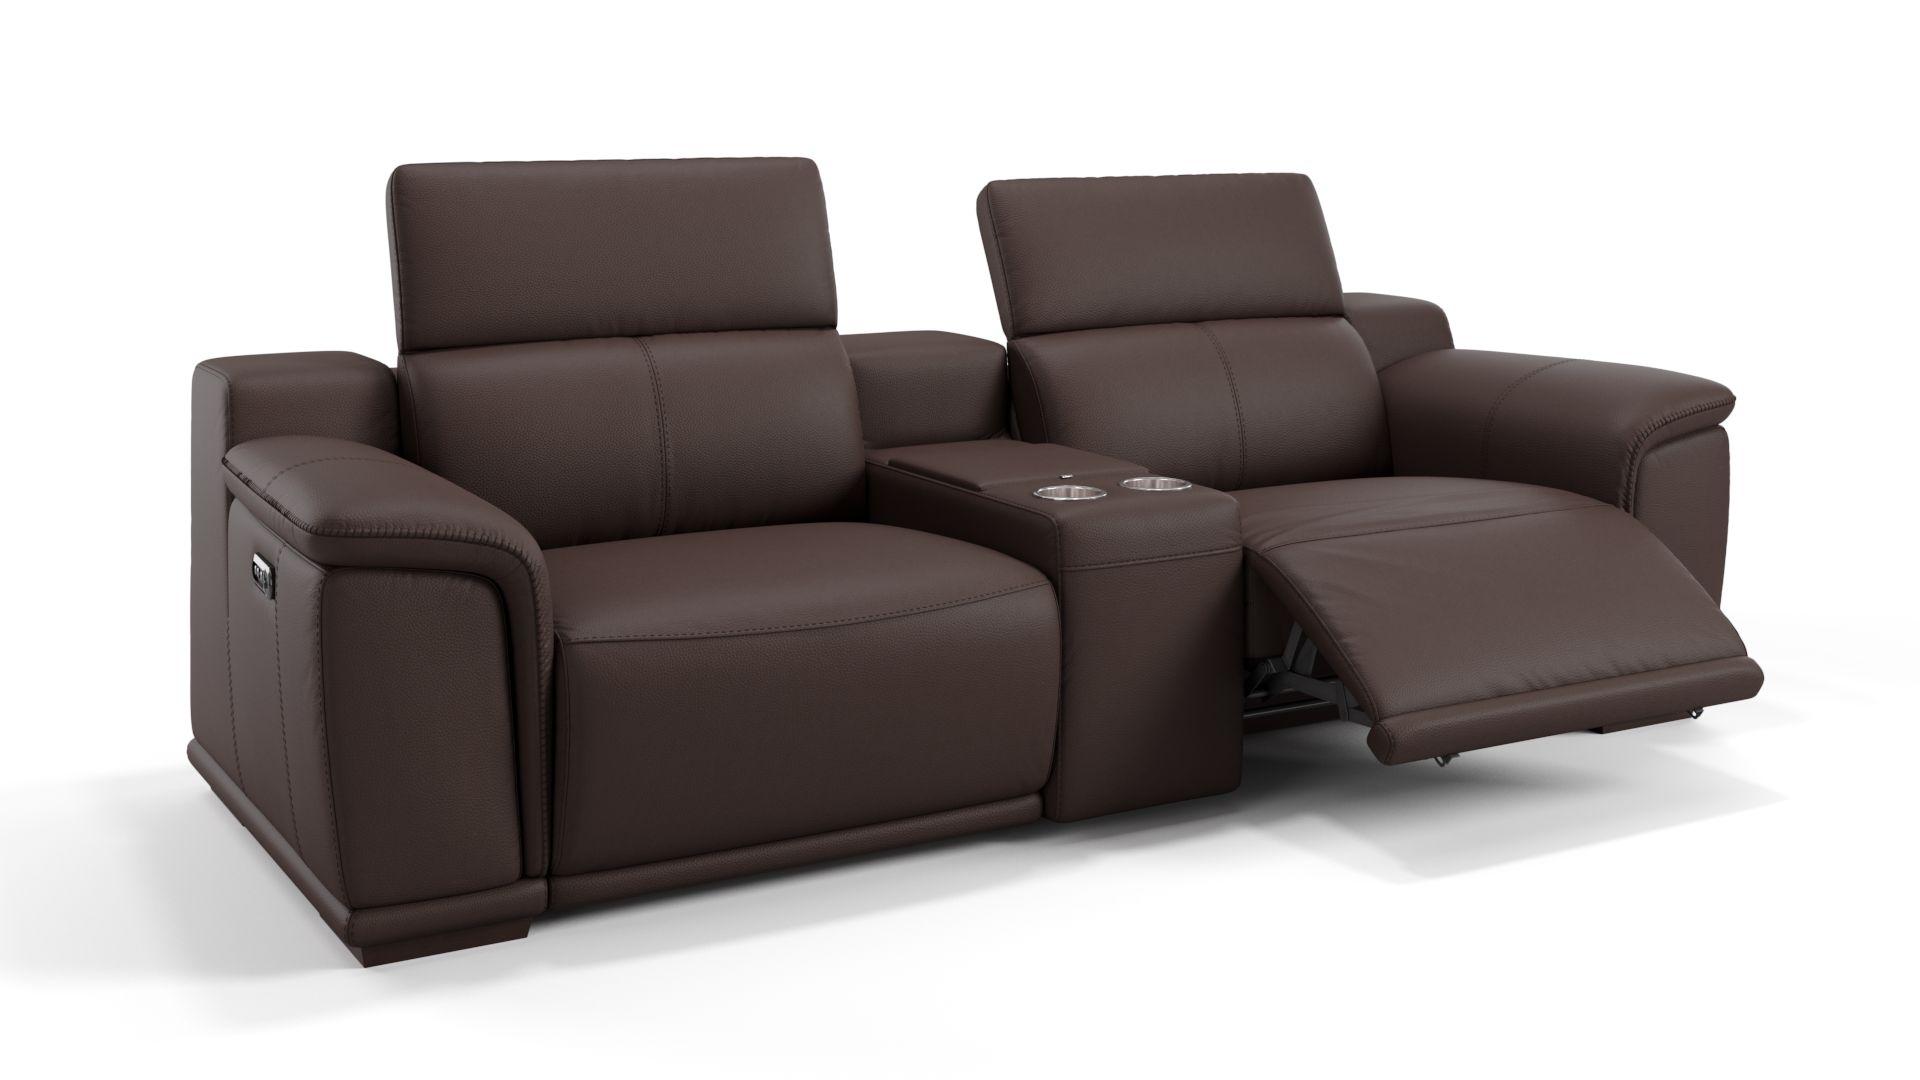 Leder 2-Sitzer Kinosofa mit einer Mittelkonsole MONTEFINO